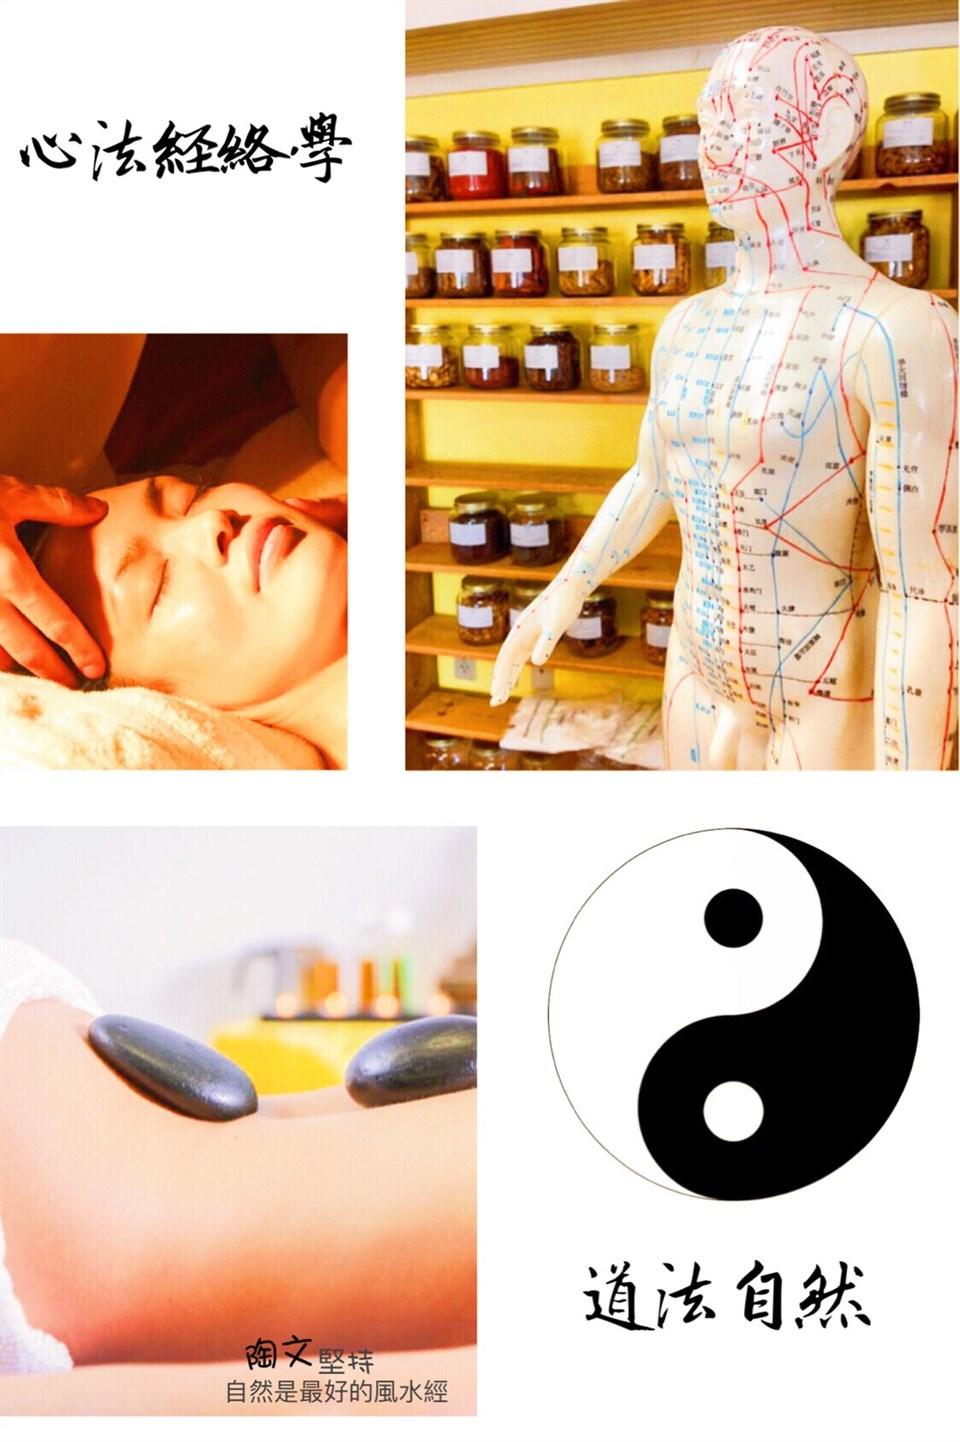 你有遺尿、遺精、腹脹痛、胃痛、呃逆、舌肌麻庳、疝氣……的困擾嗎?